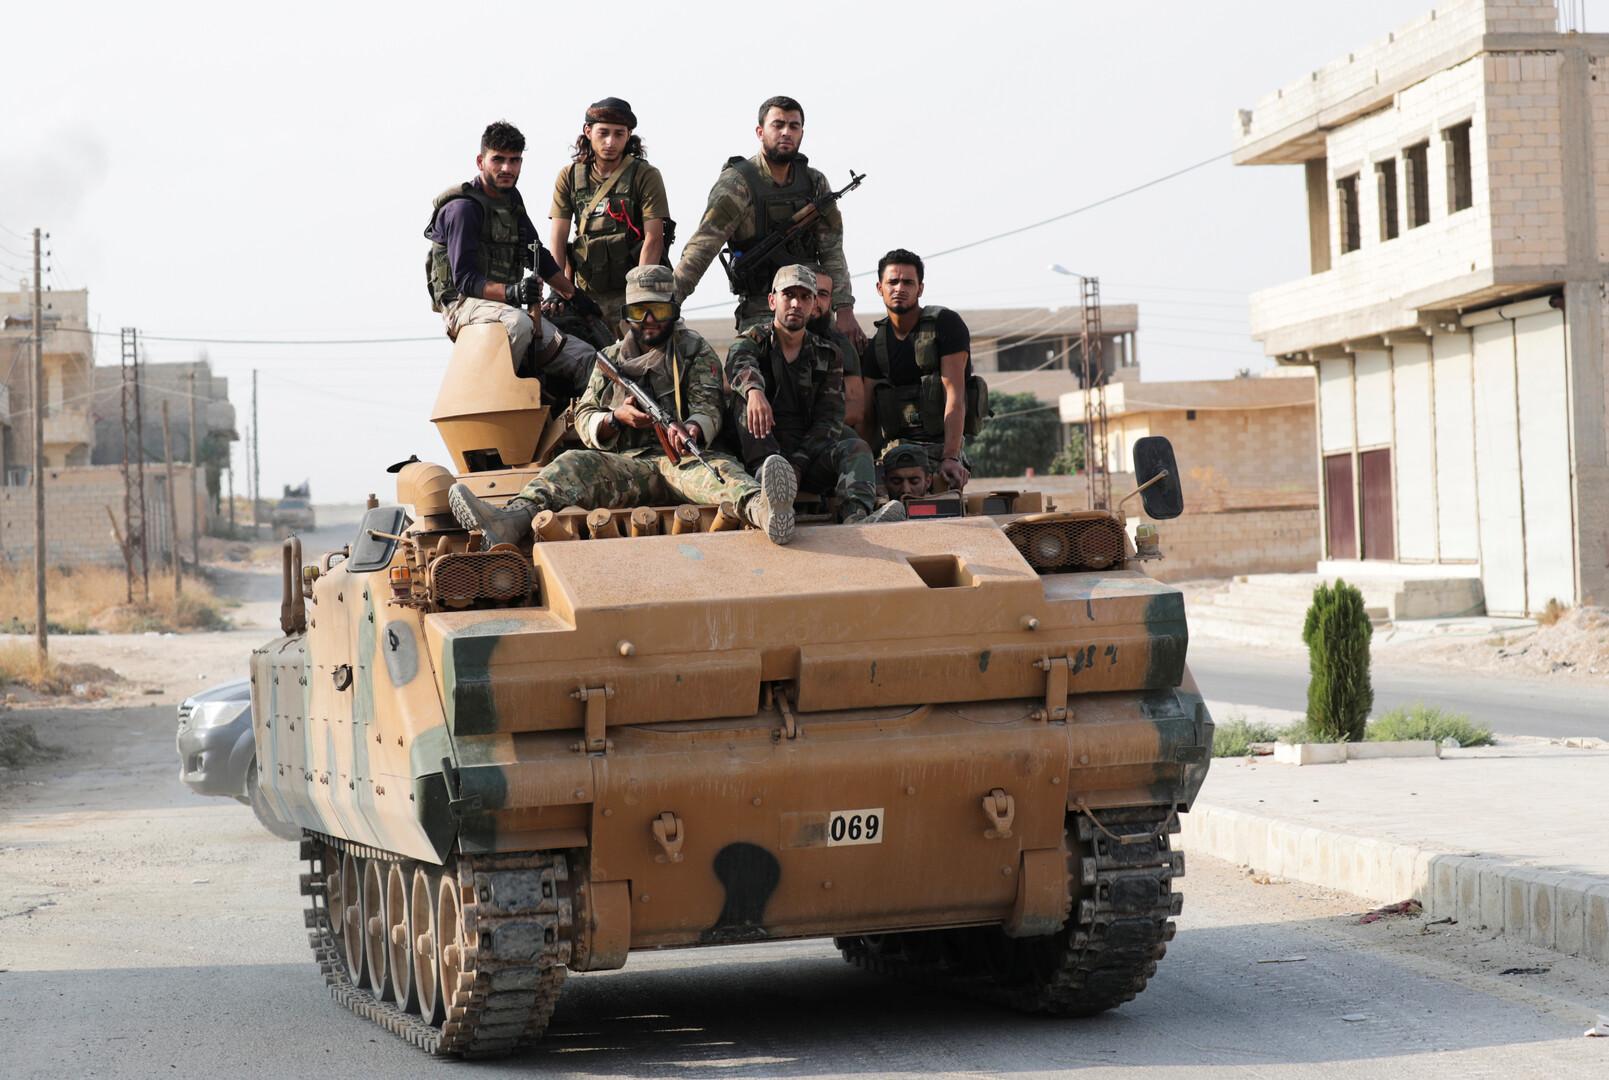 هولاند: في سوريا انتصر كل من لم نرغب في انتصارهم!